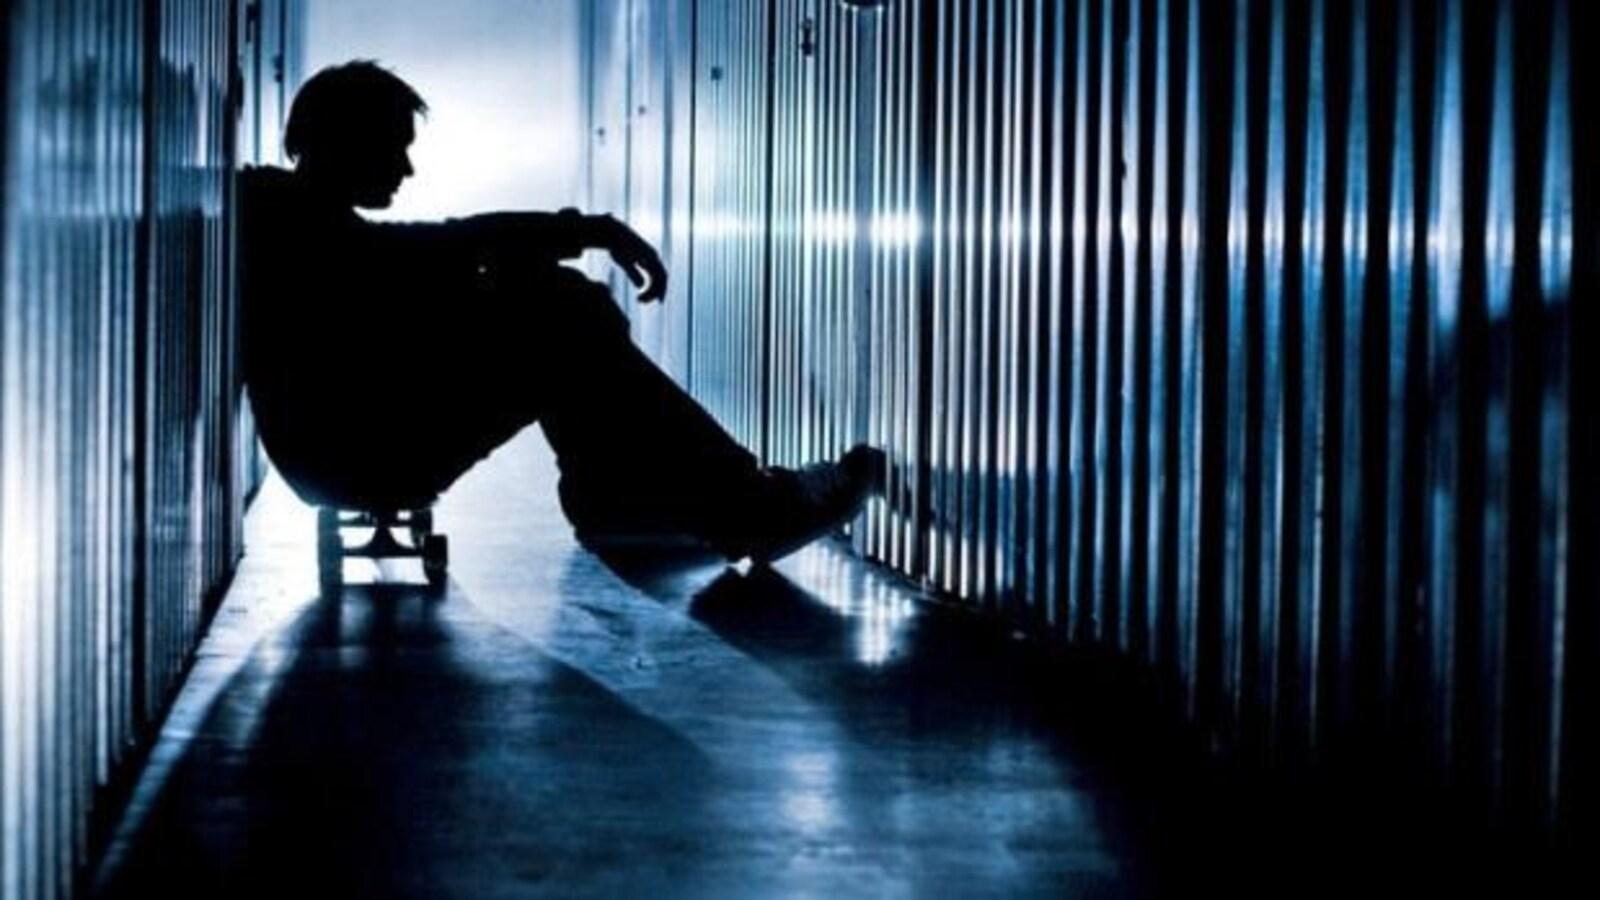 Un jeune assis dans la pénombre, sur une planche à roulette, dans un couloir sombre.